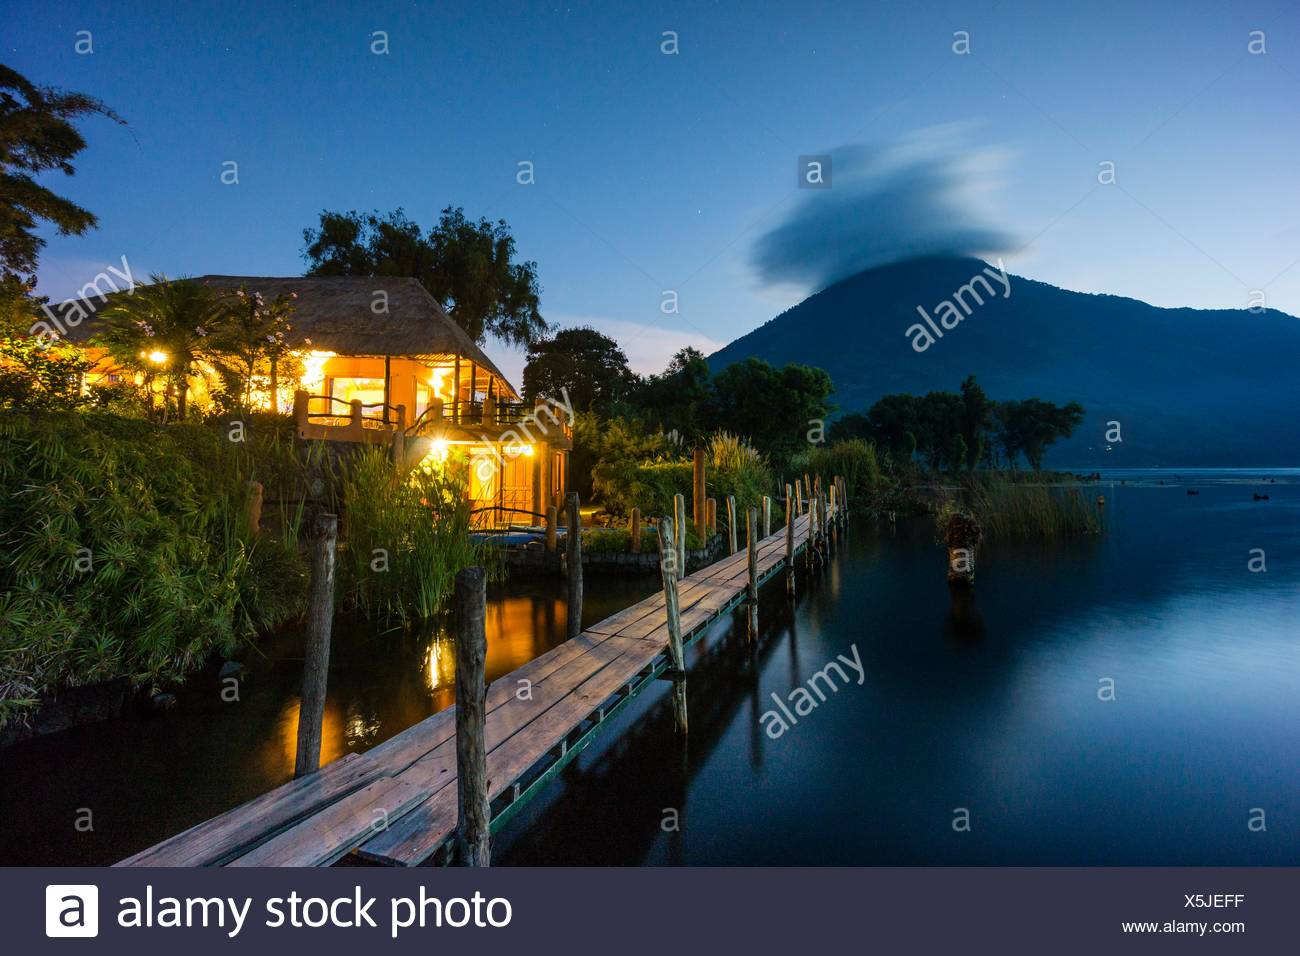 hotel a la orilla del lago y volcán San Pedro, suroeste de la caldera del lago de Atitlán , Santiago Atitlán. Tiene una altitud de 3. 020,Guatemala, - Stock Image